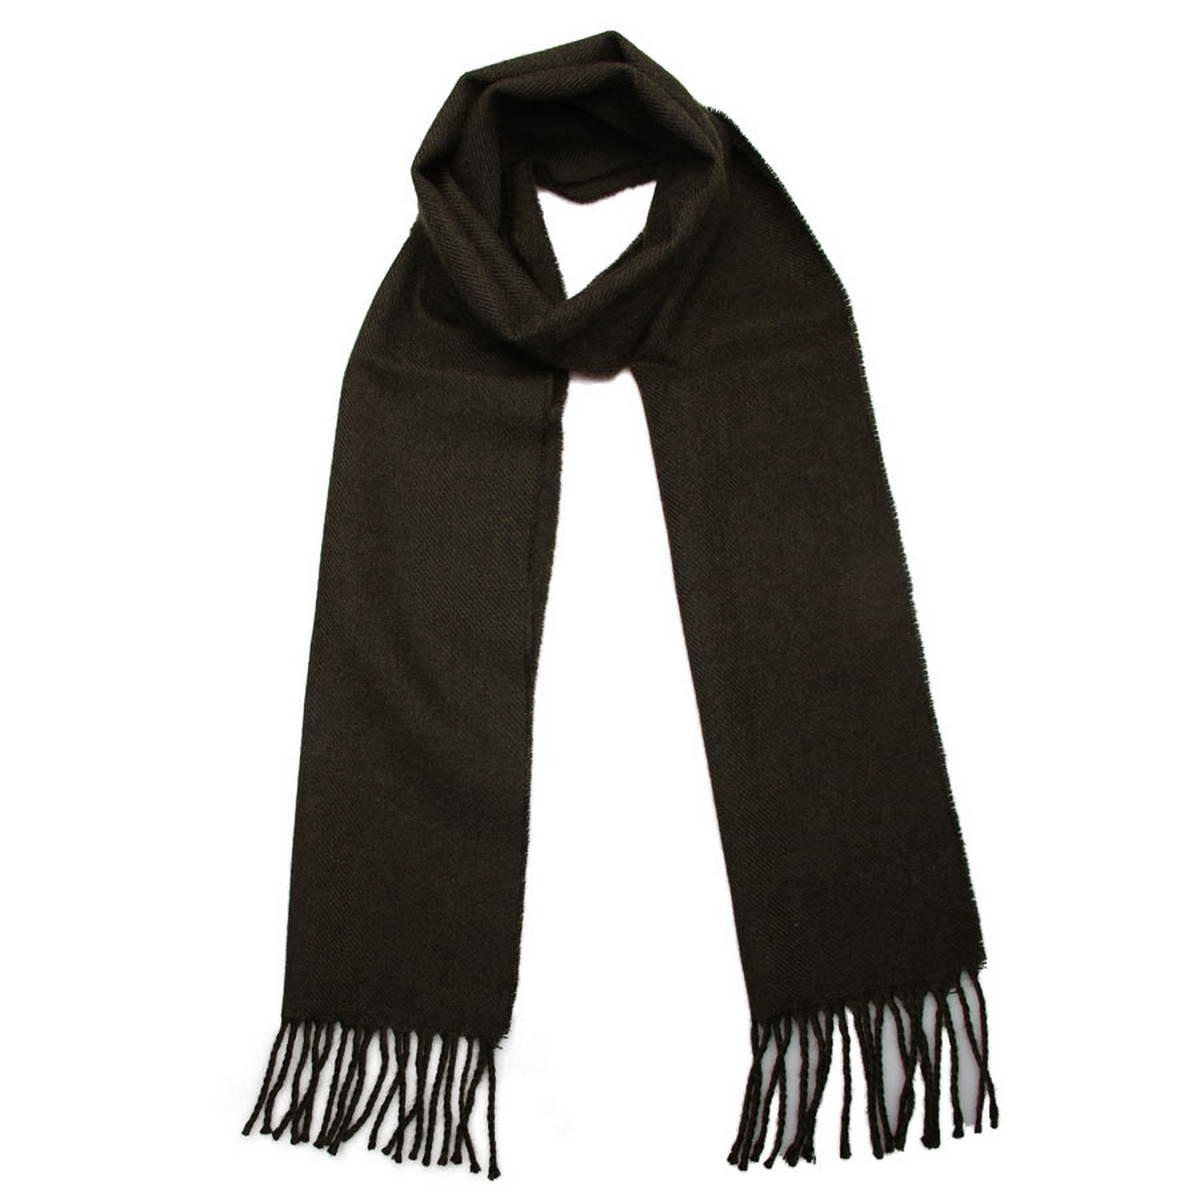 Шарф мужской Venera, цвет: темно-зеленый. 5003132-16. Размер 25 см х 170 см5003132-16Элегантный мужской шарф Venera согреет вас в холодное время года, а также станет изысканным аксессуаром, который призван подчеркнуть ваш стиль и индивидуальность. Оригинальный теплый шарф выполнен из высококачественной пряжи из шерсти и акрила. Однотонный шарф имеет строгую классическую расцветку и дополнен жгутиками по краю.Такой шарф станет превосходным дополнением к любому наряду, защитит вас от ветра и холода и позволит вам создать свой неповторимый стиль.